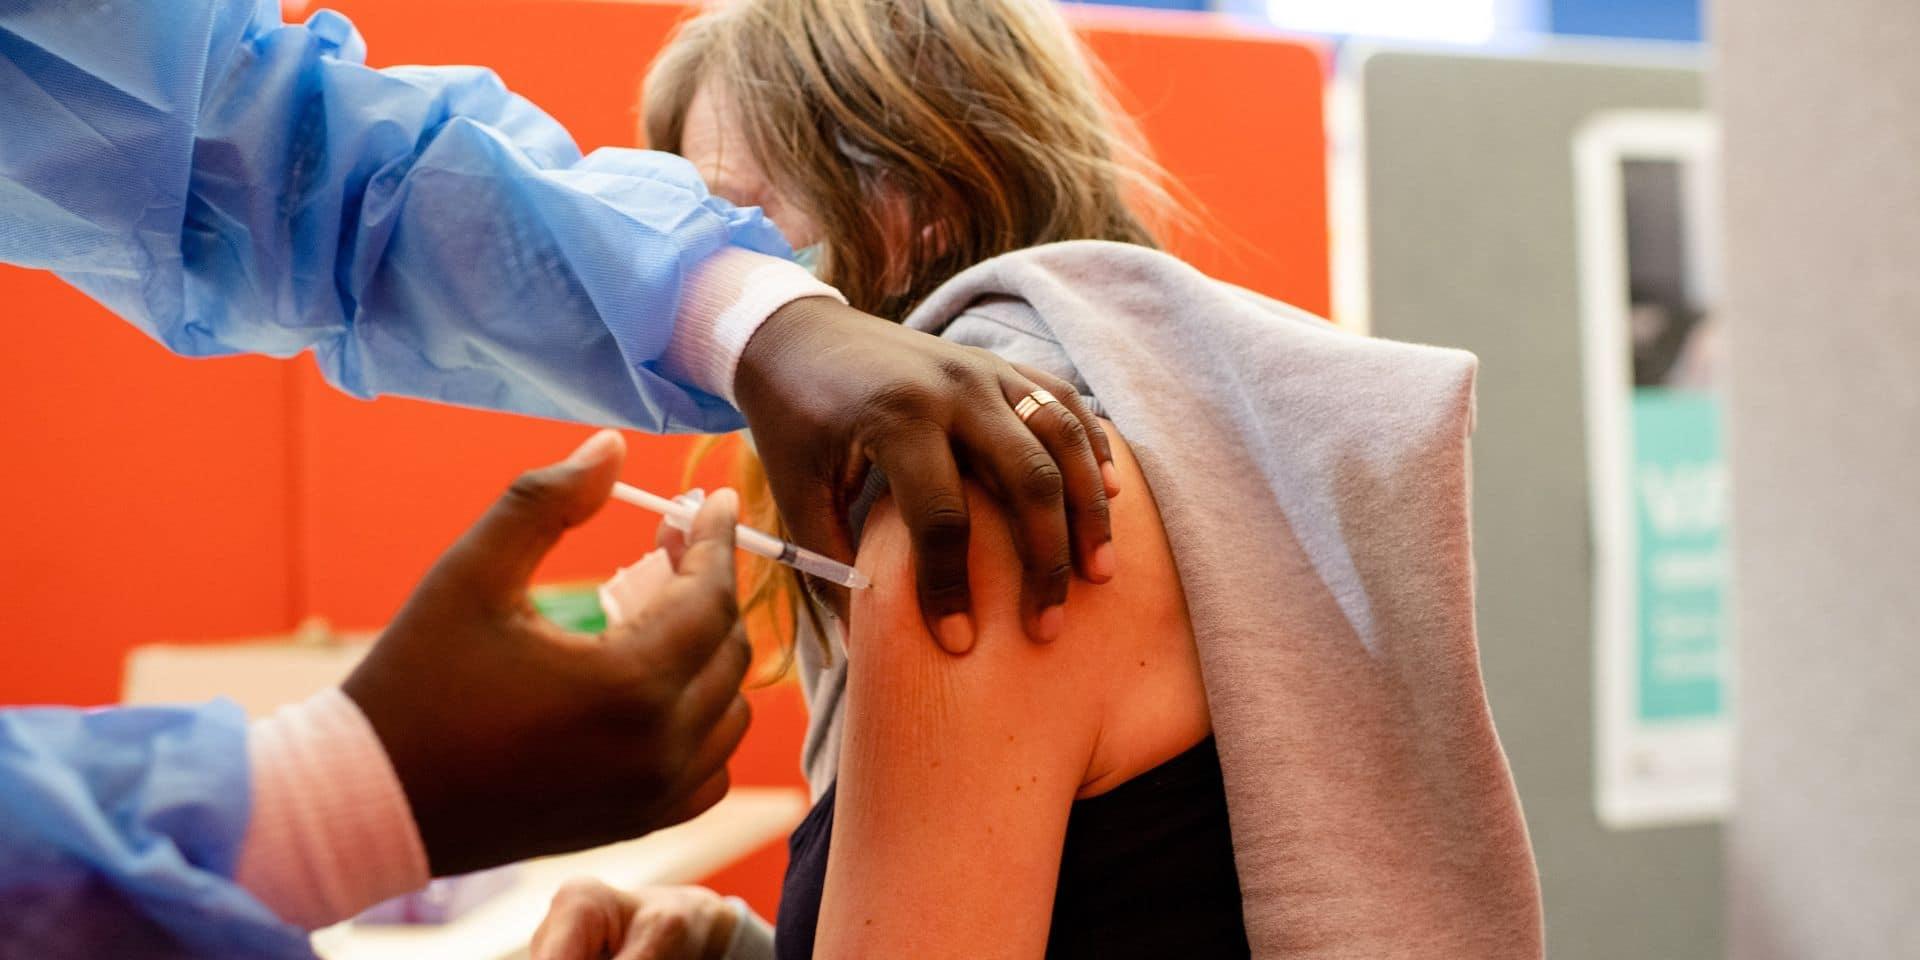 A Bruxelles, le taux de vaccination des 12-17 ans reste insignifiant